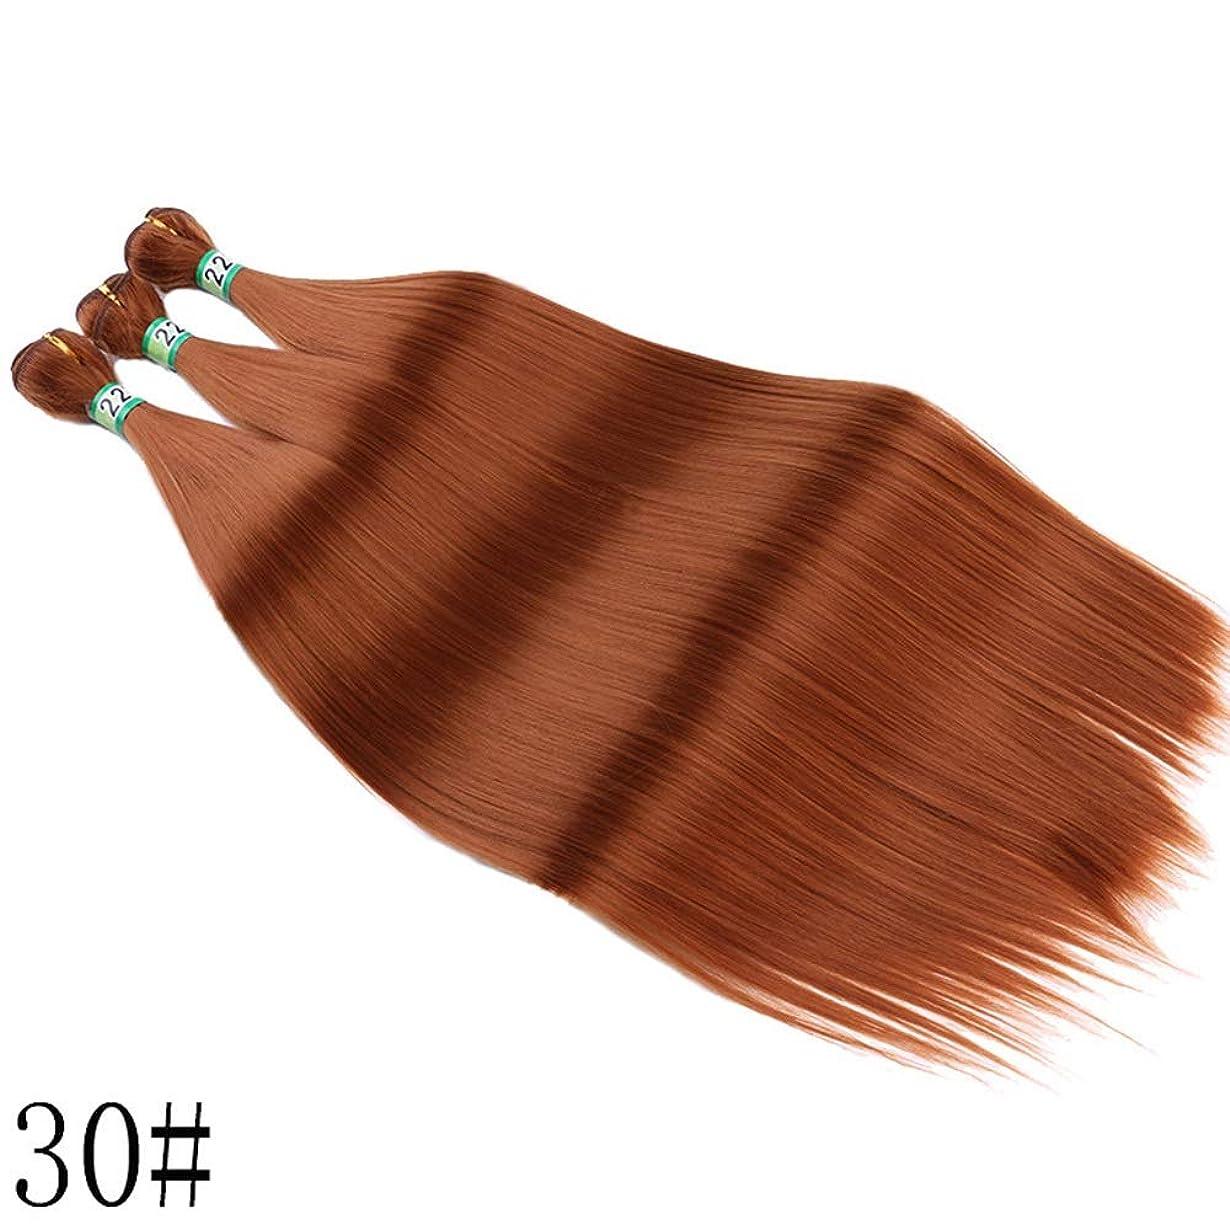 運ぶリッチ厚くするHOHYLLYA 3バンドル合成髪織りヘアエクステンション女性のための耐熱性繊維シルキーストレートヘアコンポジットヘアレースかつらロールプレイングウィッグロングとショート女性自然 (色 : ブラウン, サイズ : 14inch)